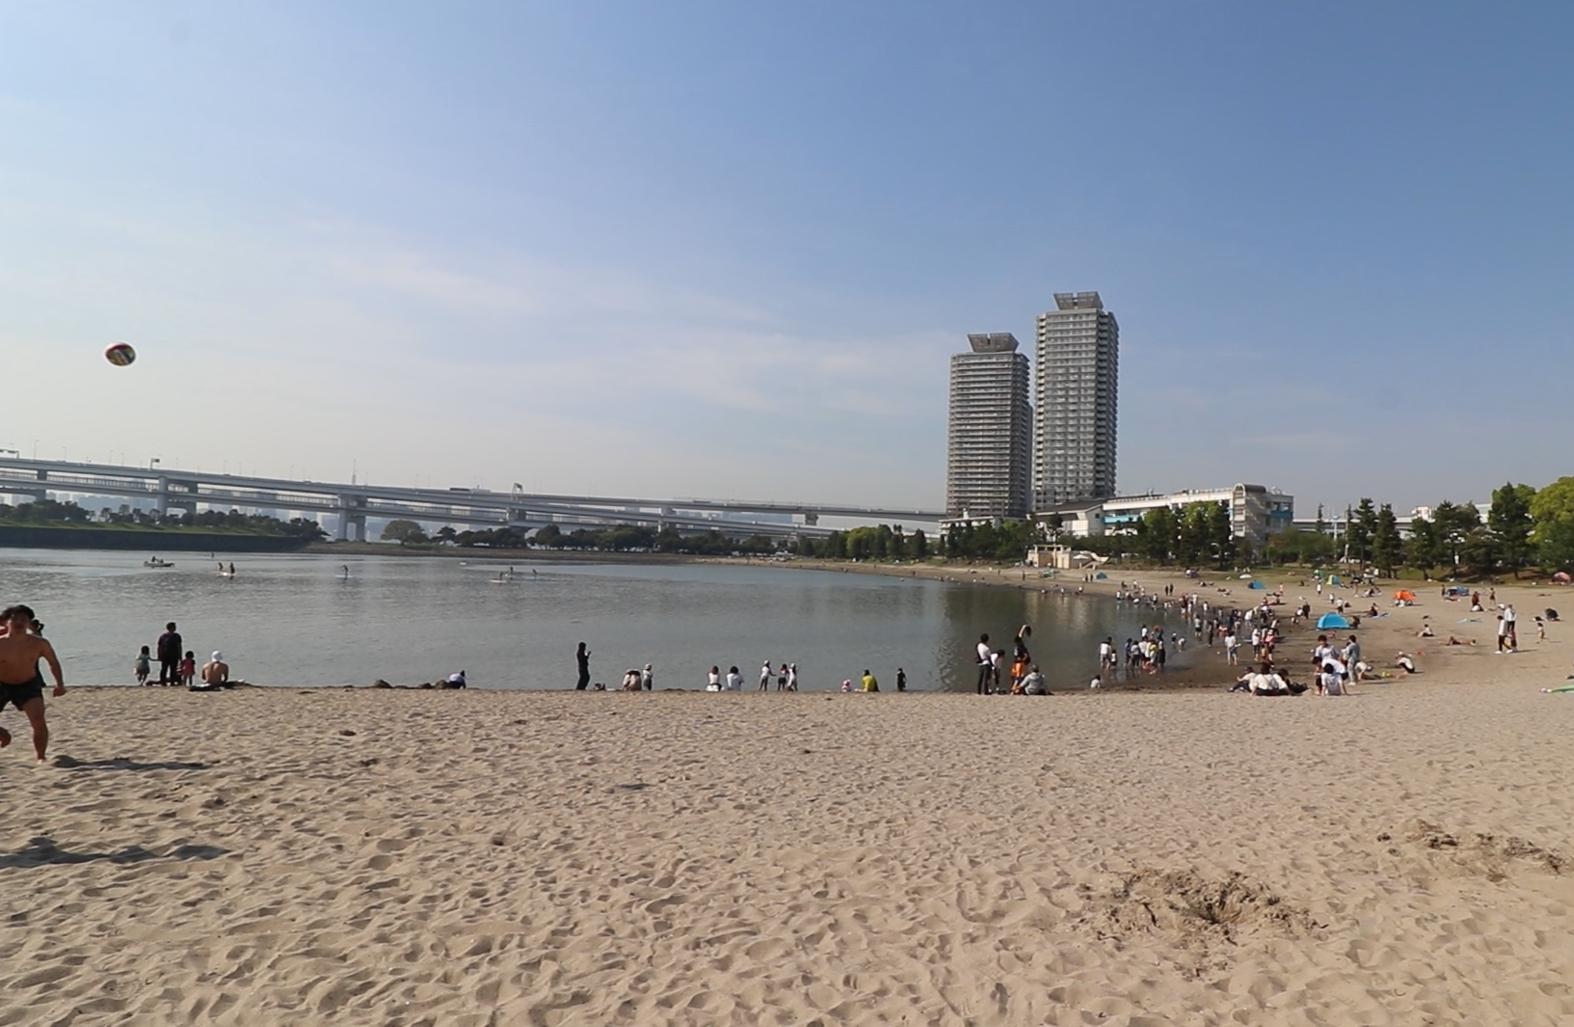 odaiba beach park things to do